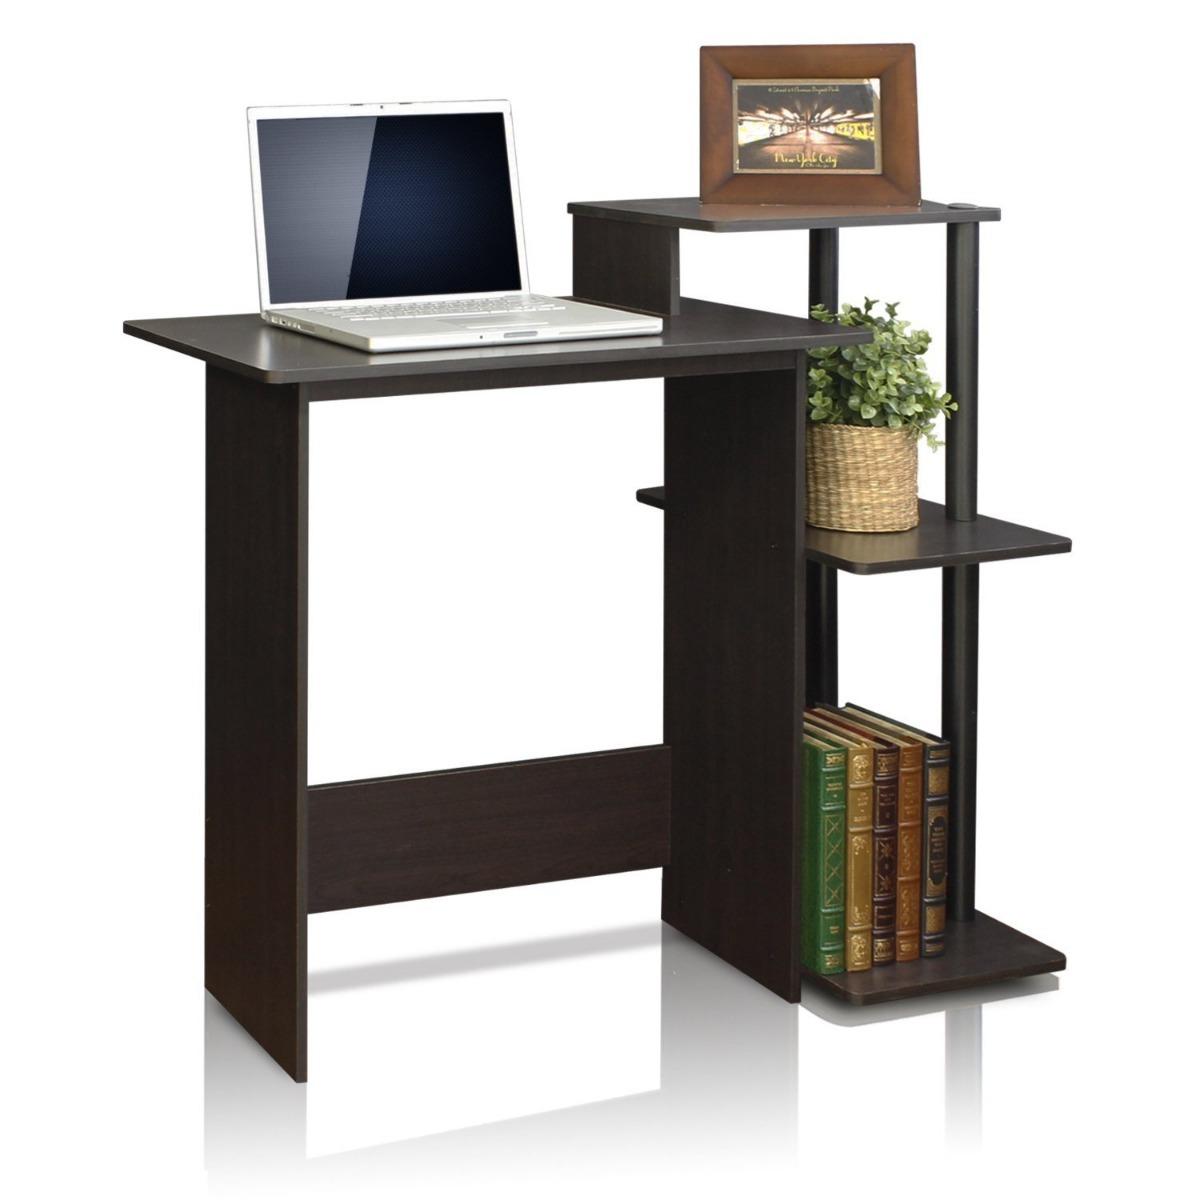 Escritorio para computadora mueble para oficina o for Muebles de escritorio modernos para casa